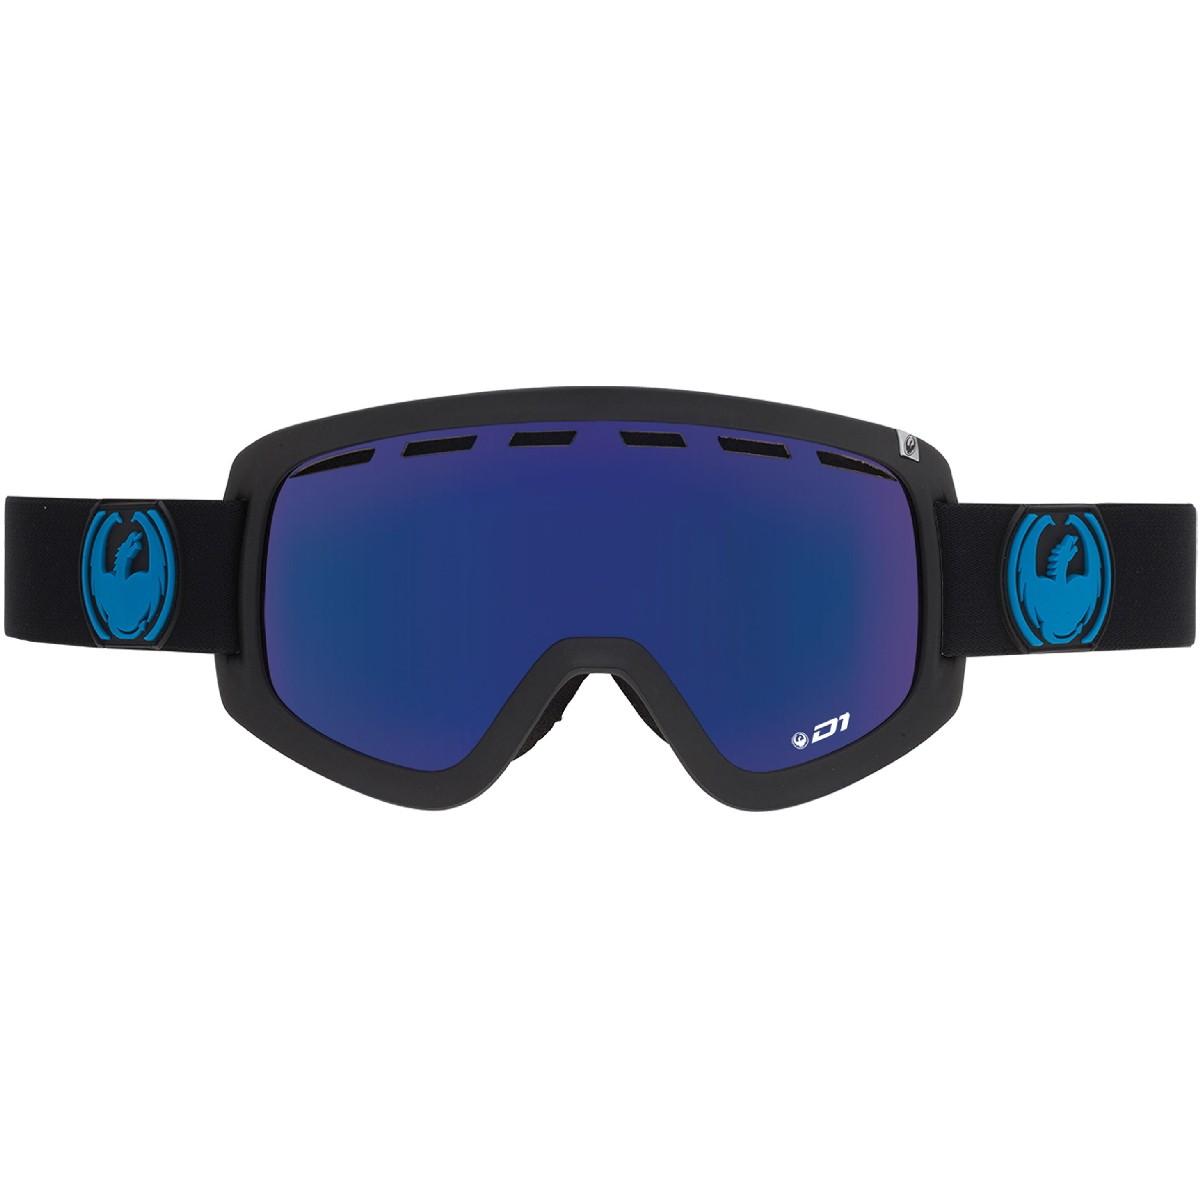 Купить Очки горнолыжные DRAGON 2016-17 D1 Jet / Dark Smoke Blue, горнолыжные, 1299463